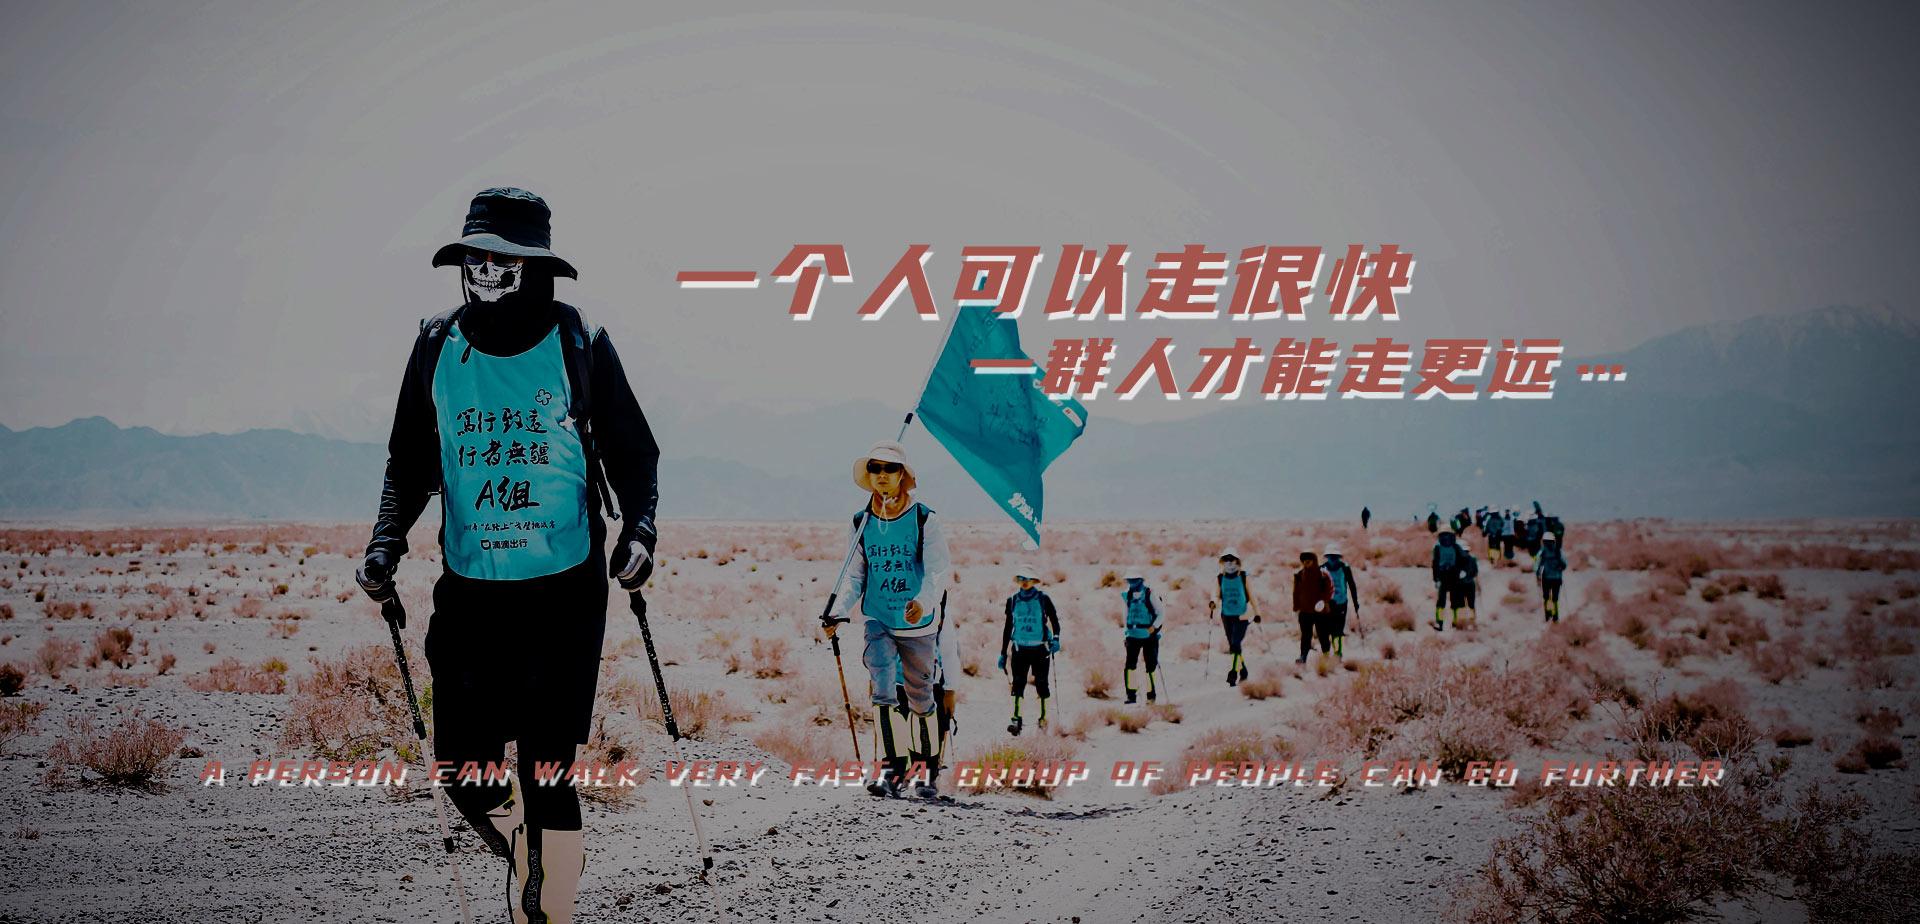 三夫团建-一个人可以走得很快,一群人可以走得更远